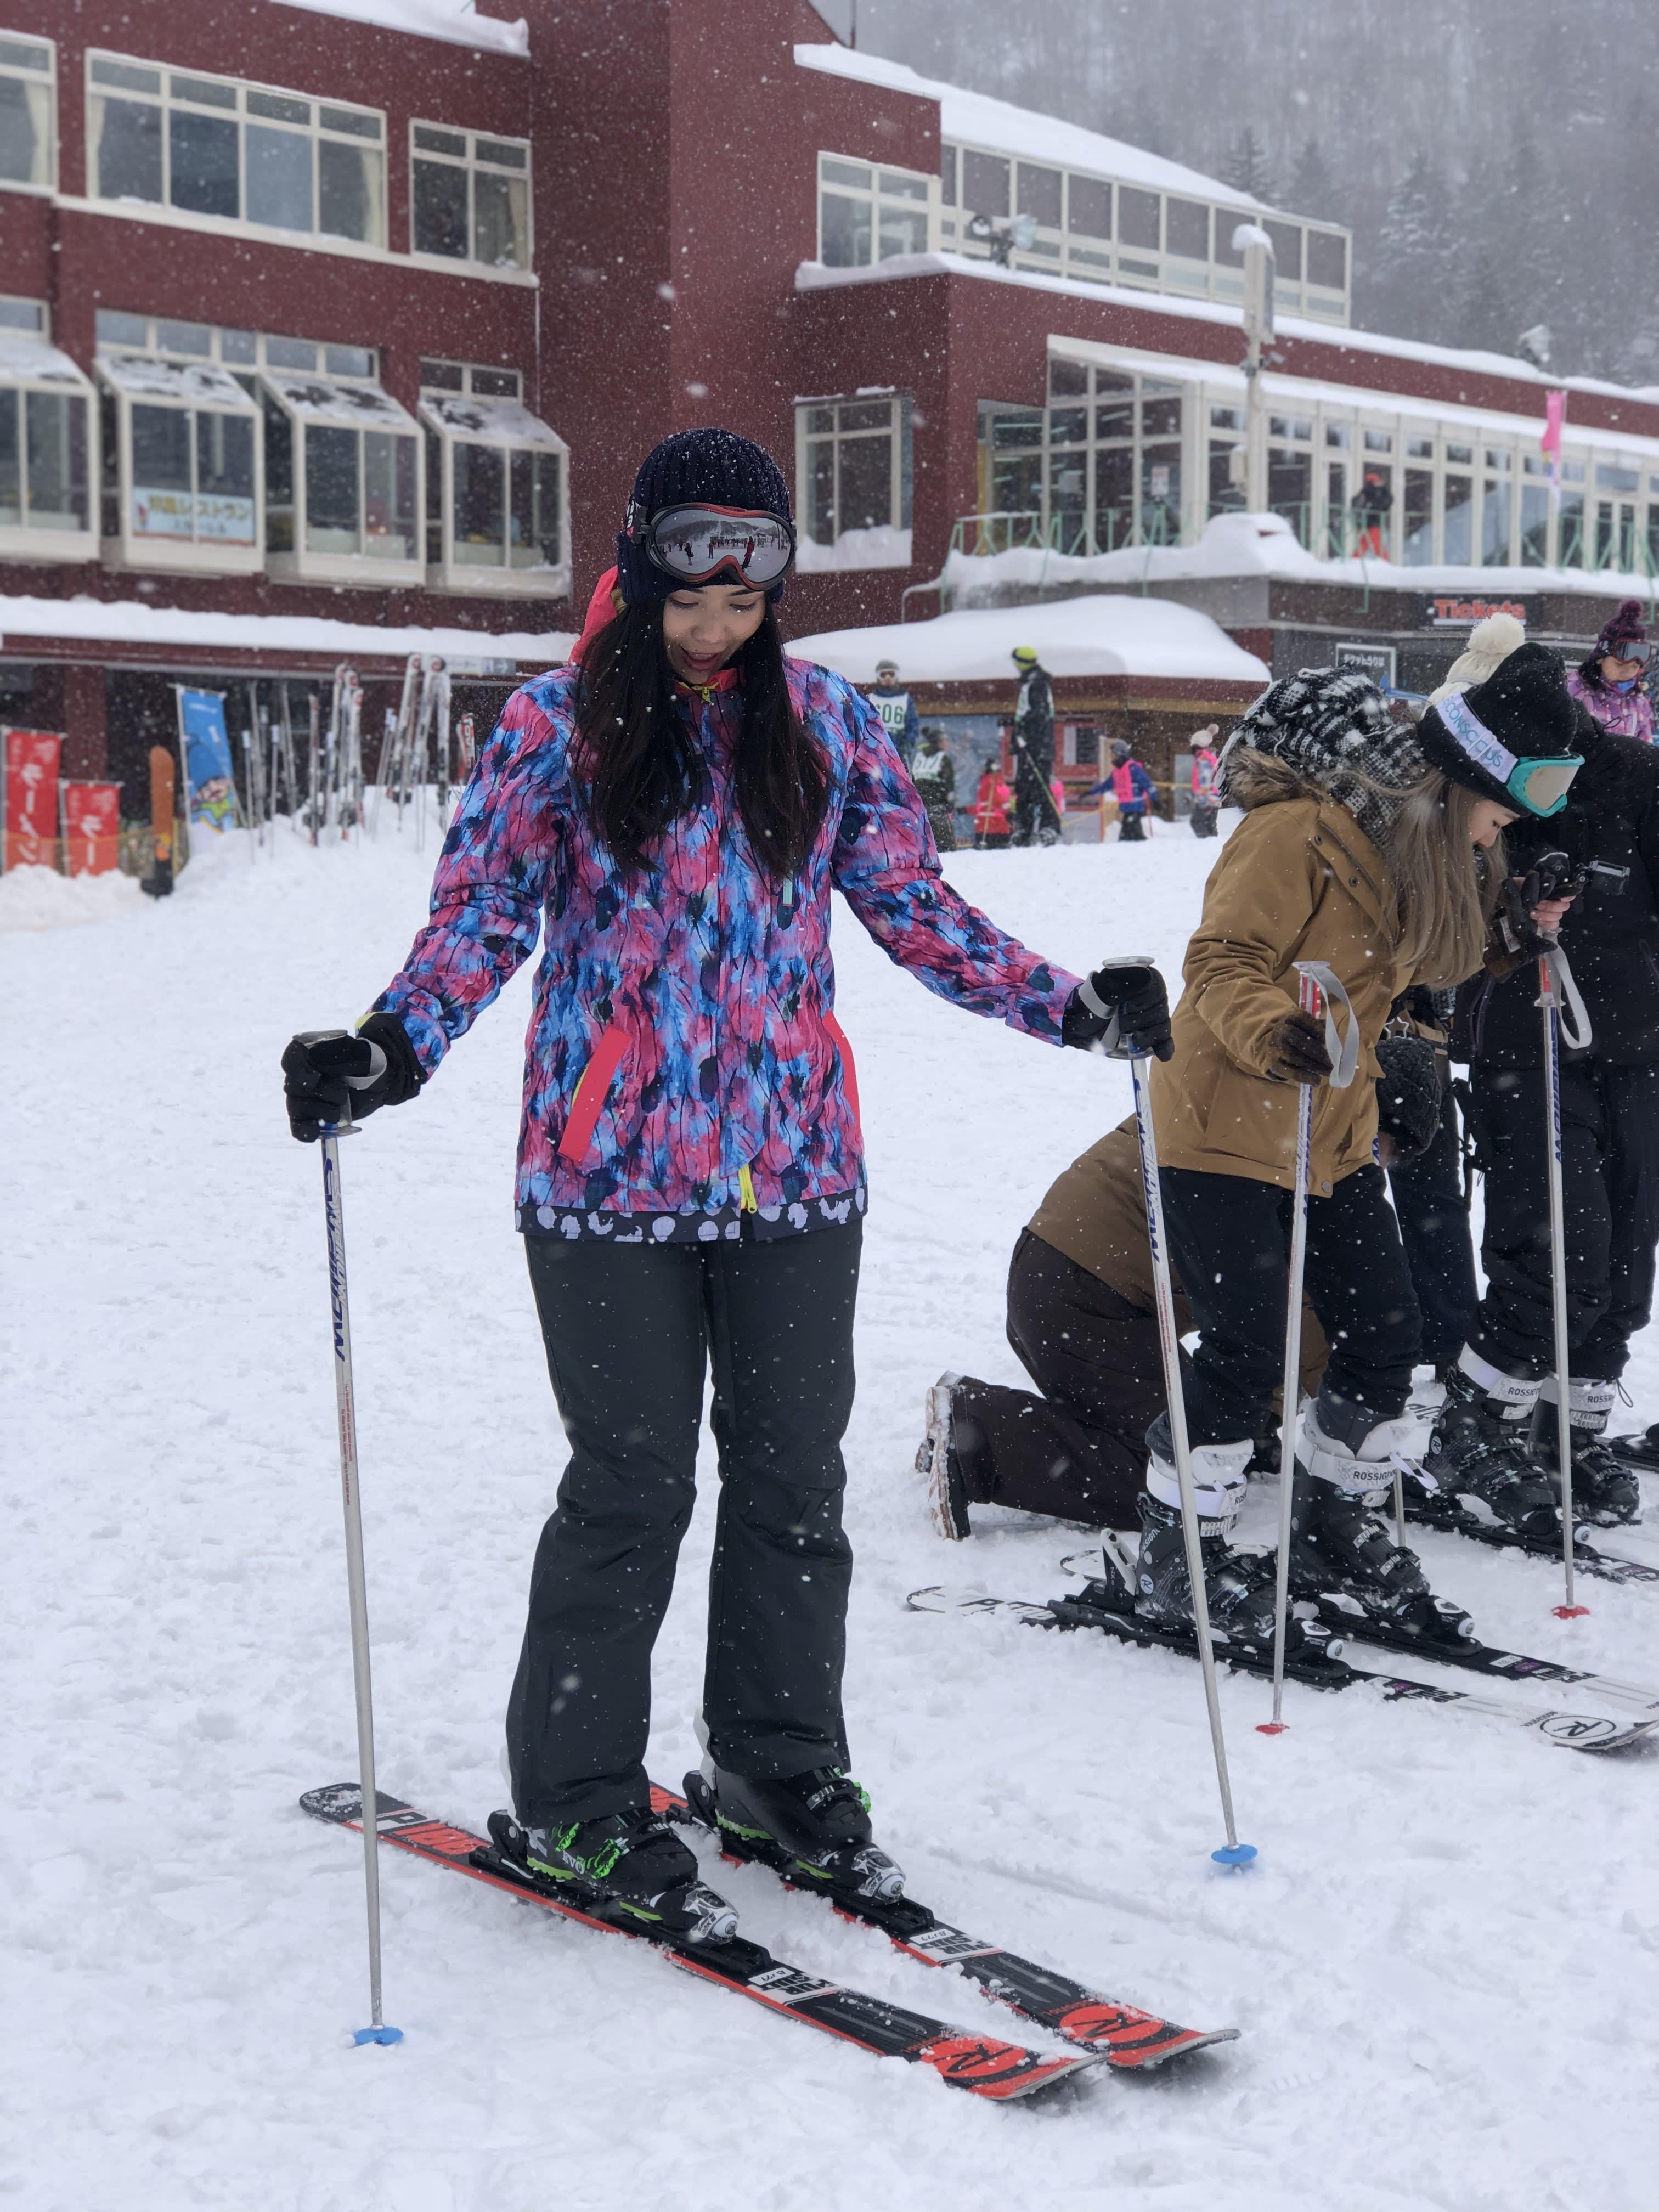 全副武裝等著滑雪,取自:Ann Shih。